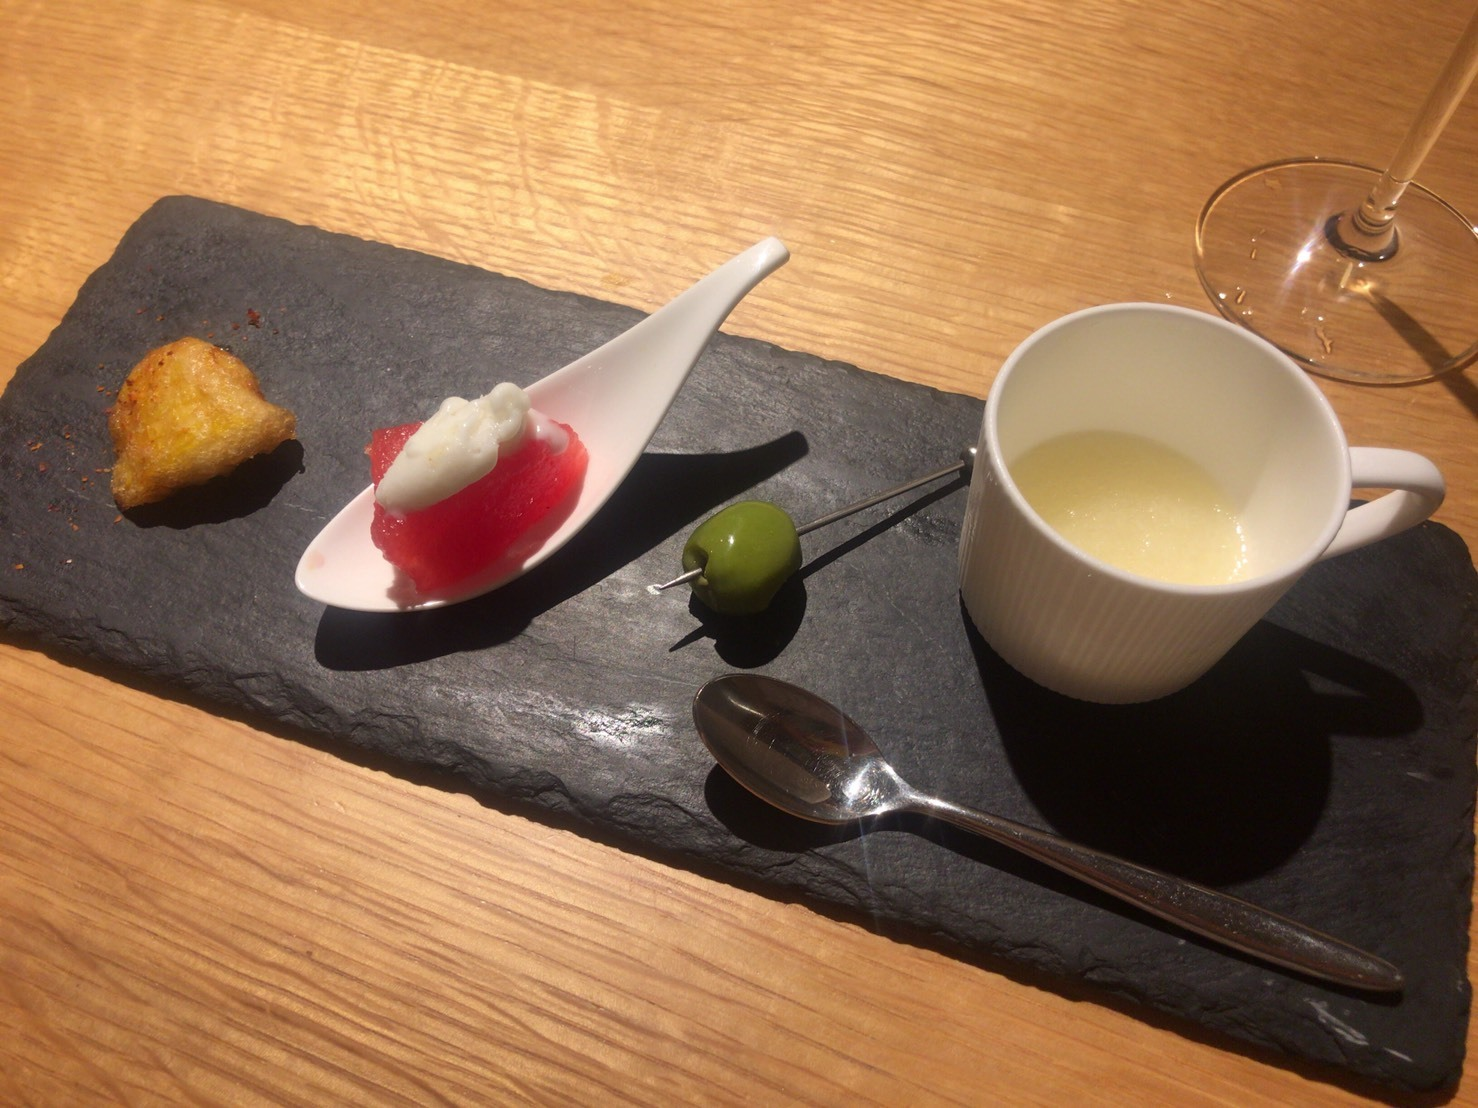 香里(家内)の東京食べある記「シュヴァル・ド・ヒョウタン」_d0177560_15070310.jpg